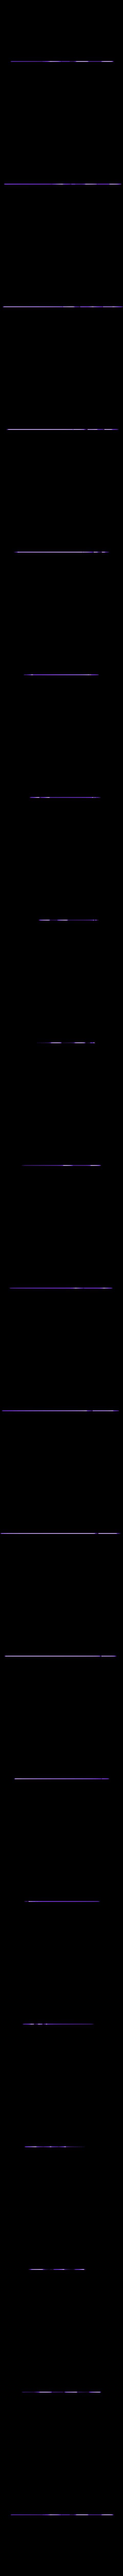 """W-3.stl Télécharger fichier STL gratuit LED light letters """"Why not?"""" • Objet pour impression 3D, dukedoks"""